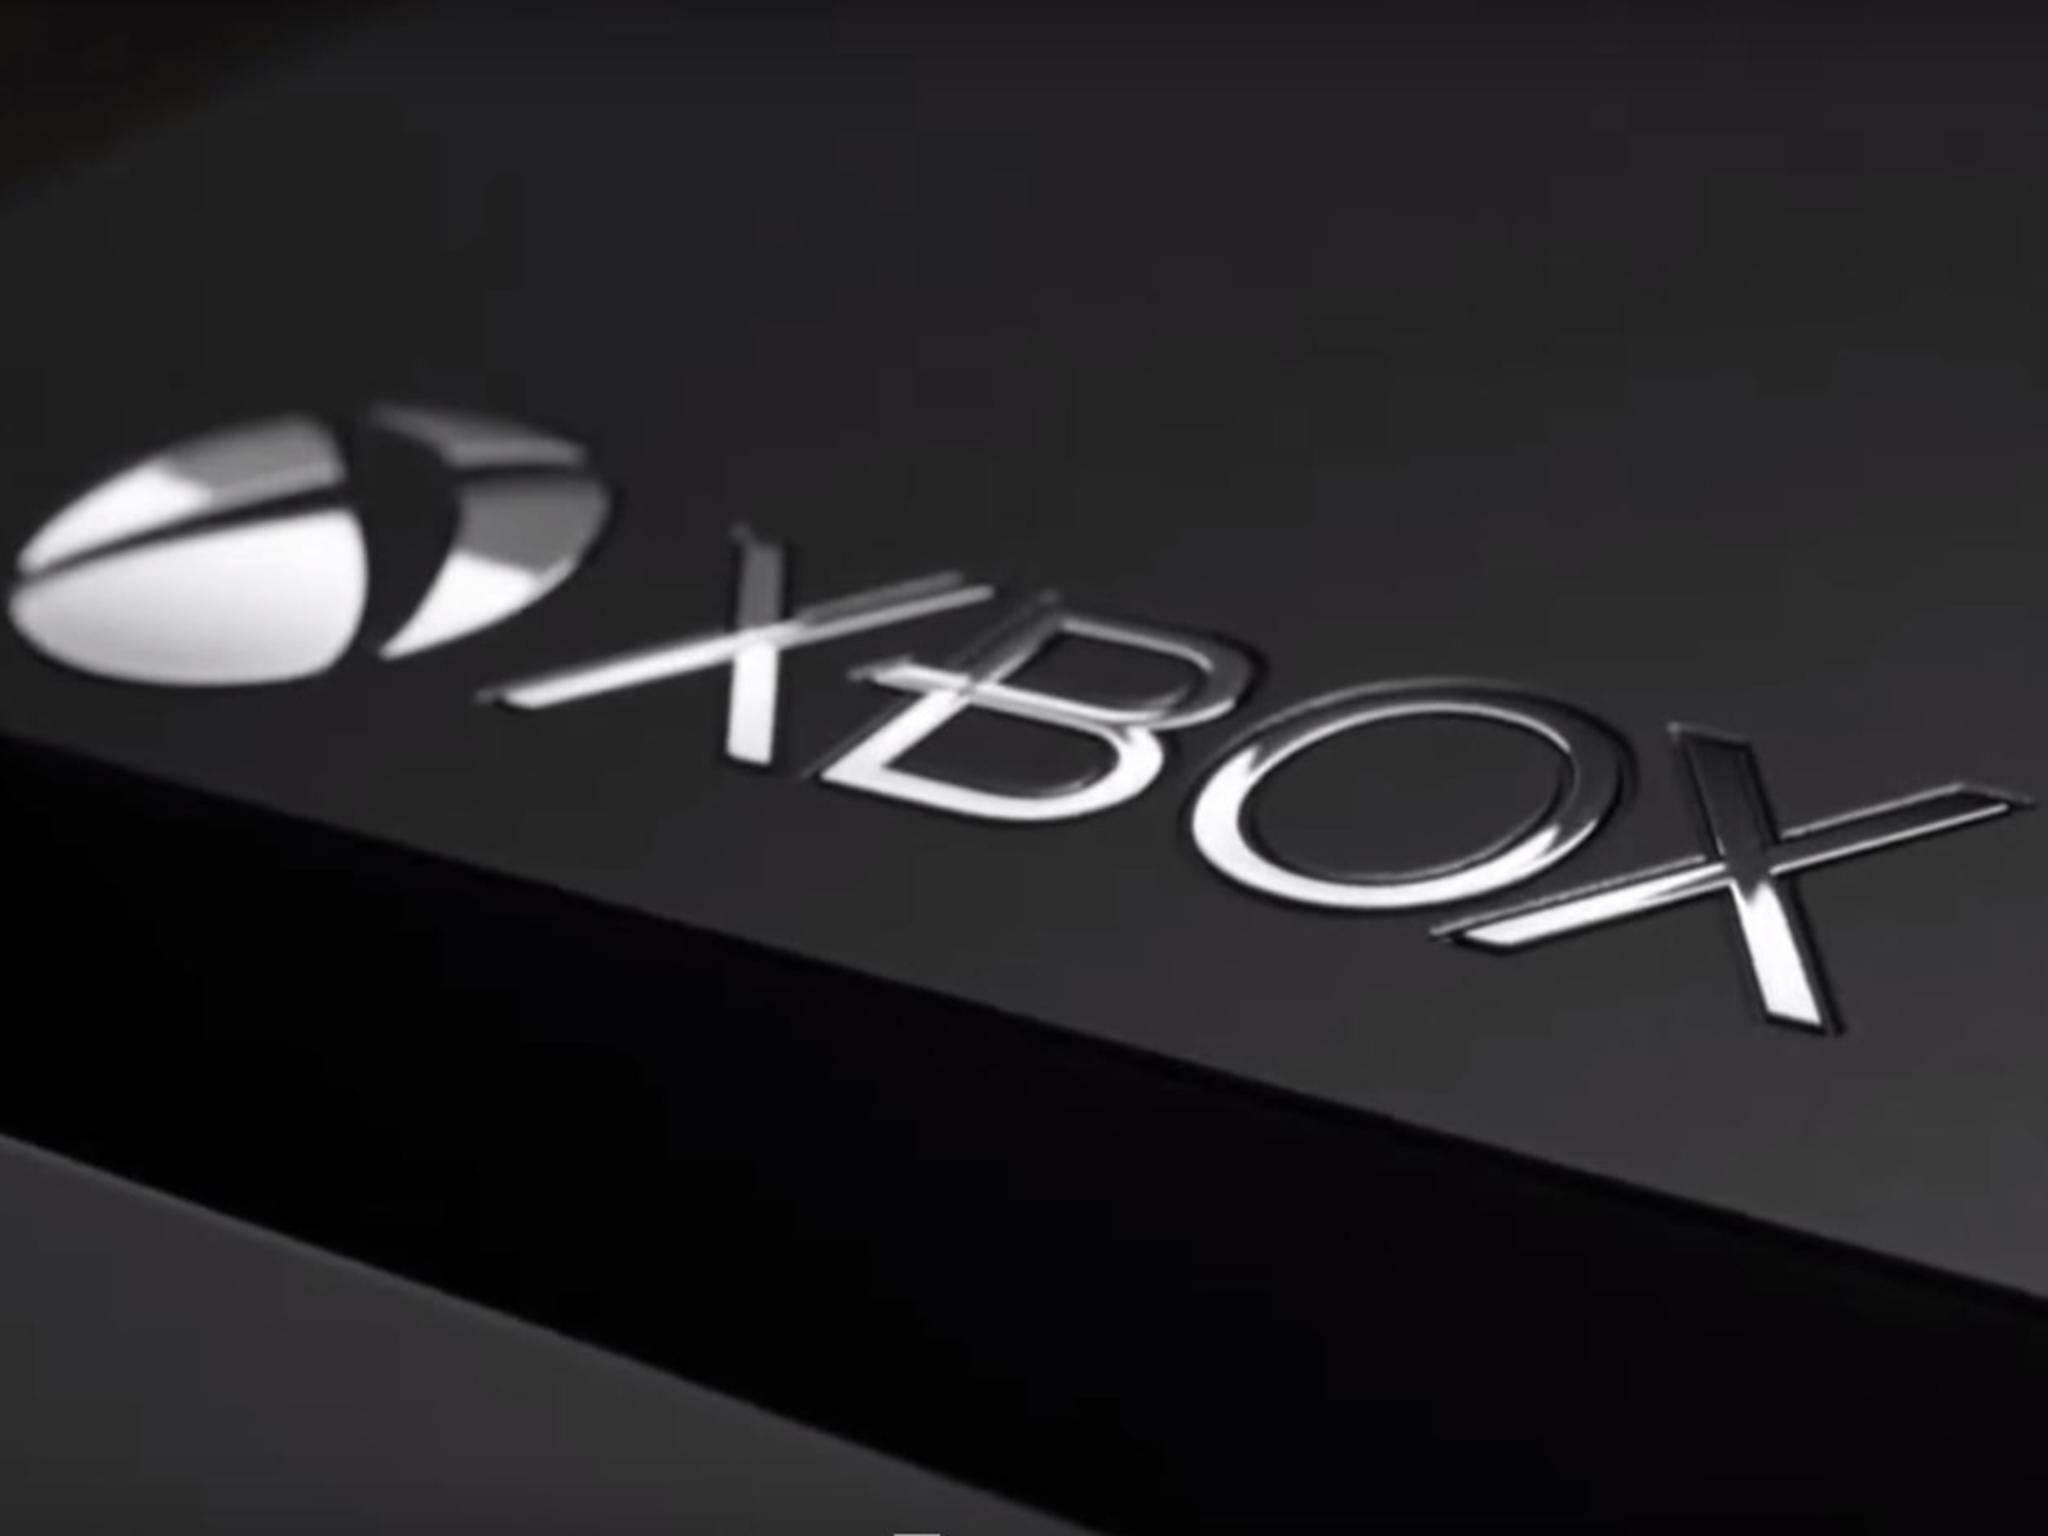 Die Teilnahme am Xbox One Preview-Programm wird zukünftig noch weiter erschwert.